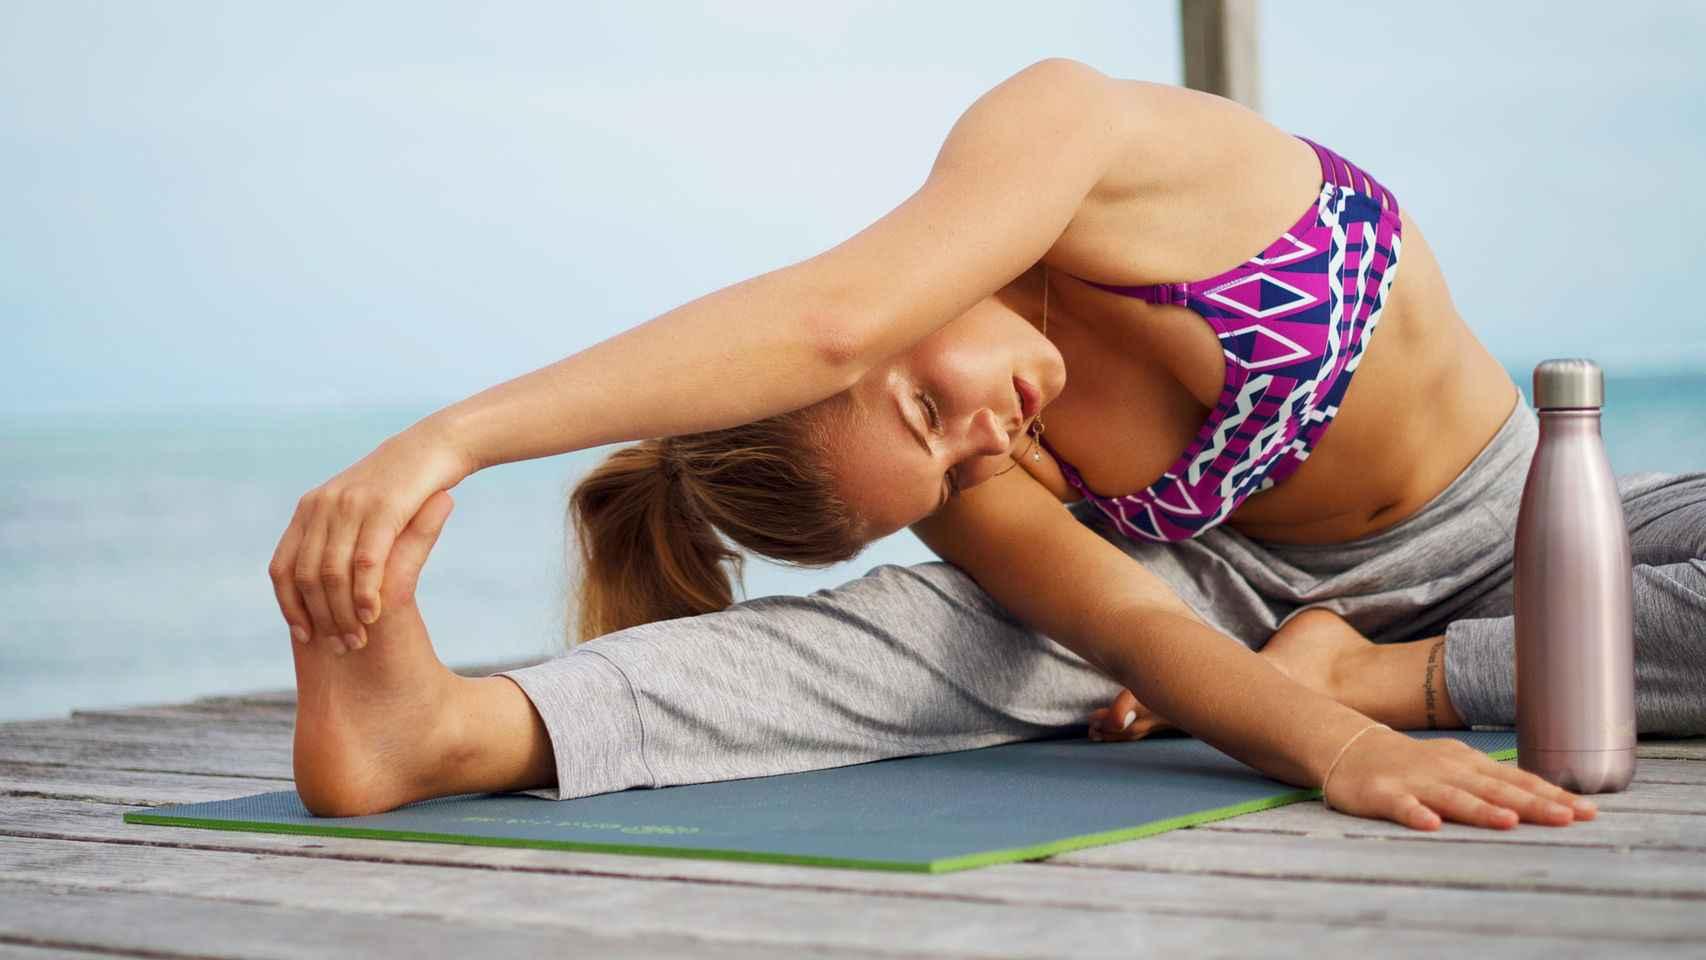 Modelo de Roxy practicando una de las posturas de yoga (asanas).